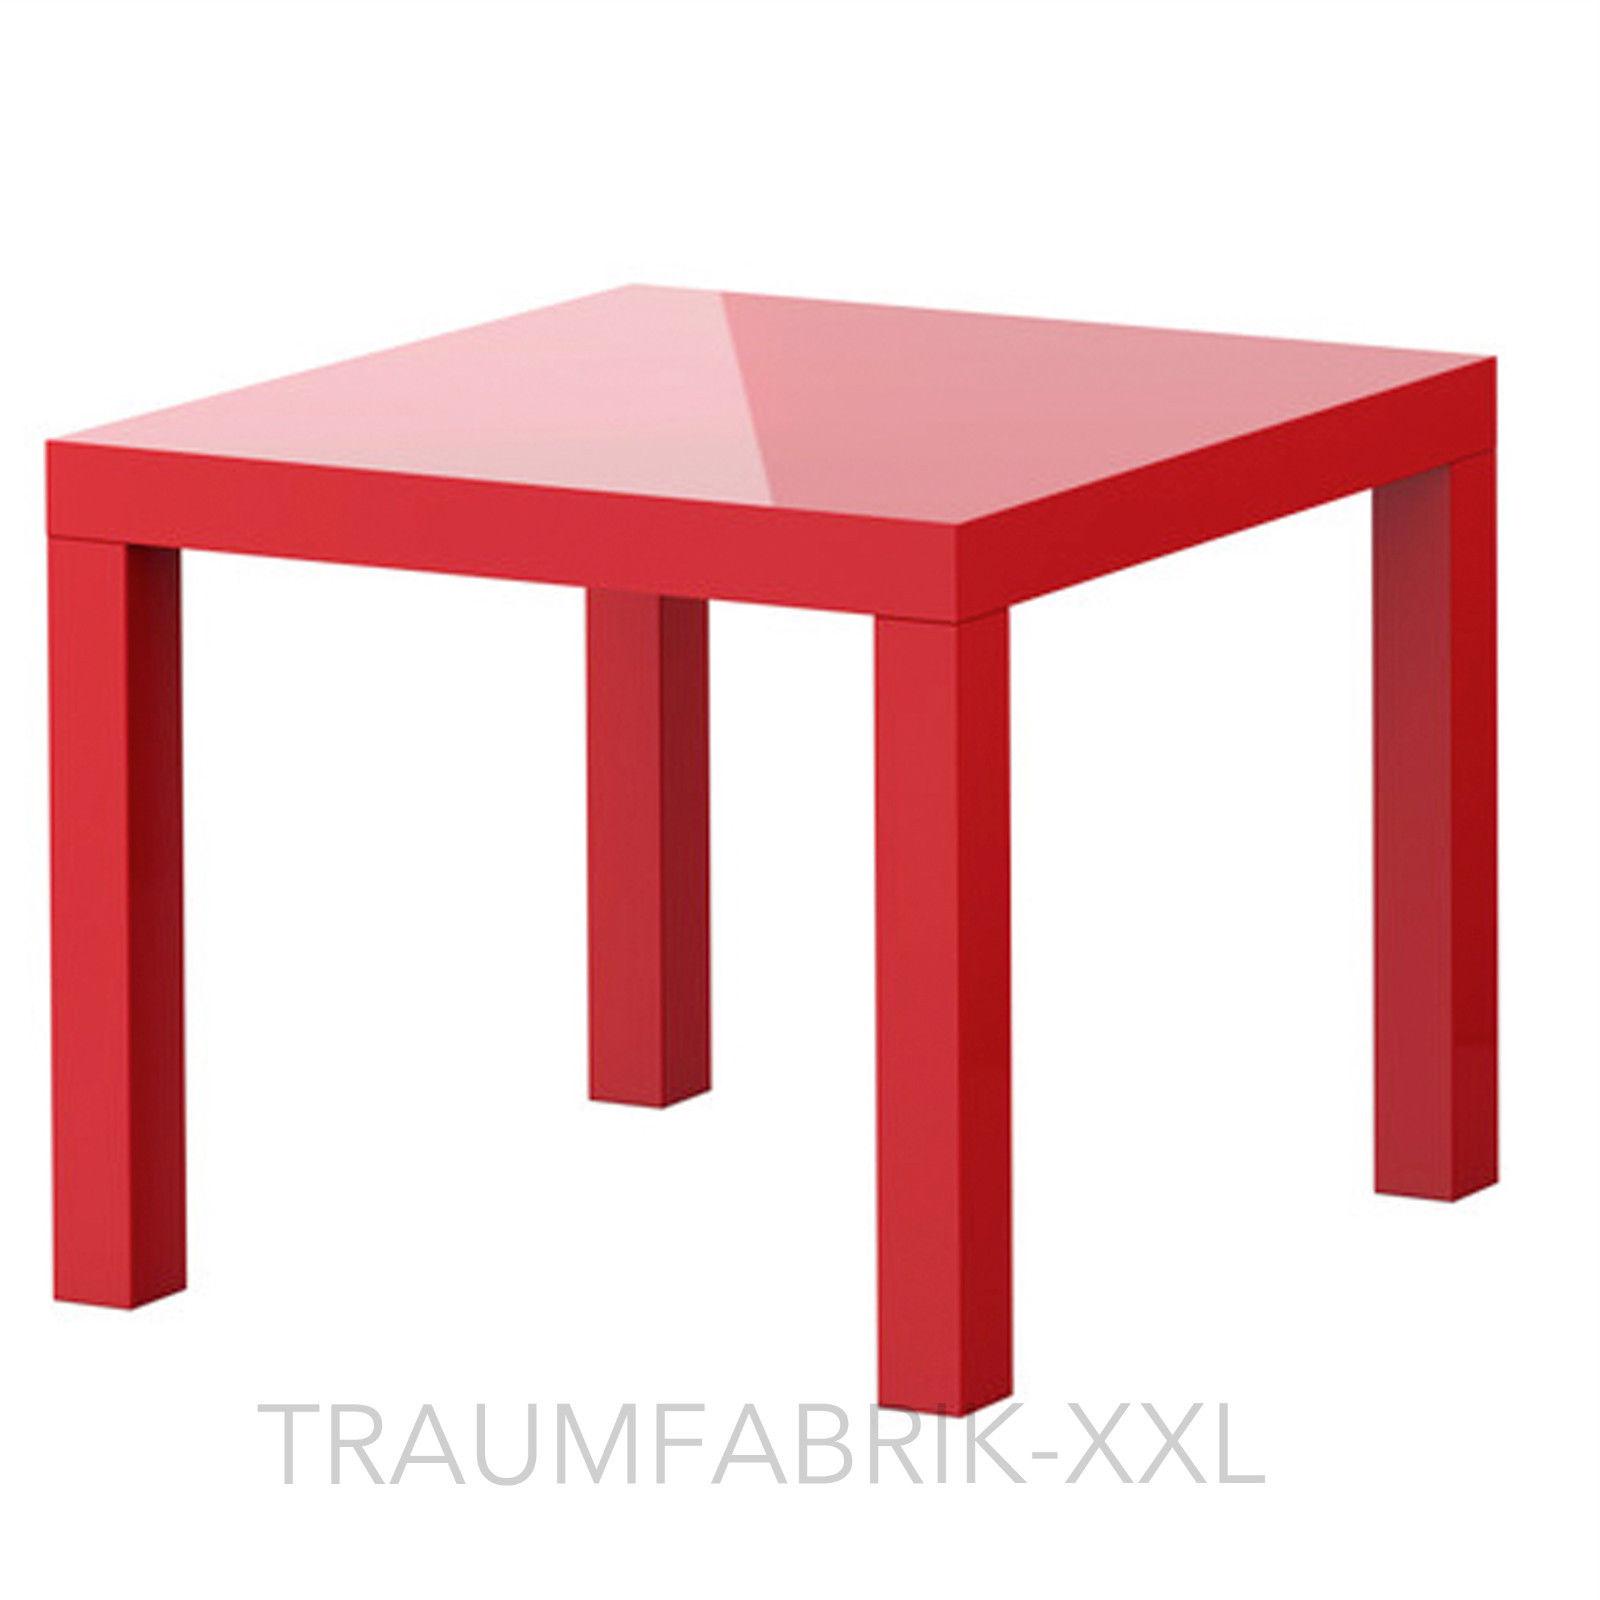 ikea lack beistelltisch hochglanz rot 55cm couchtisch sofatisch wohnzimmertisch rot. Black Bedroom Furniture Sets. Home Design Ideas